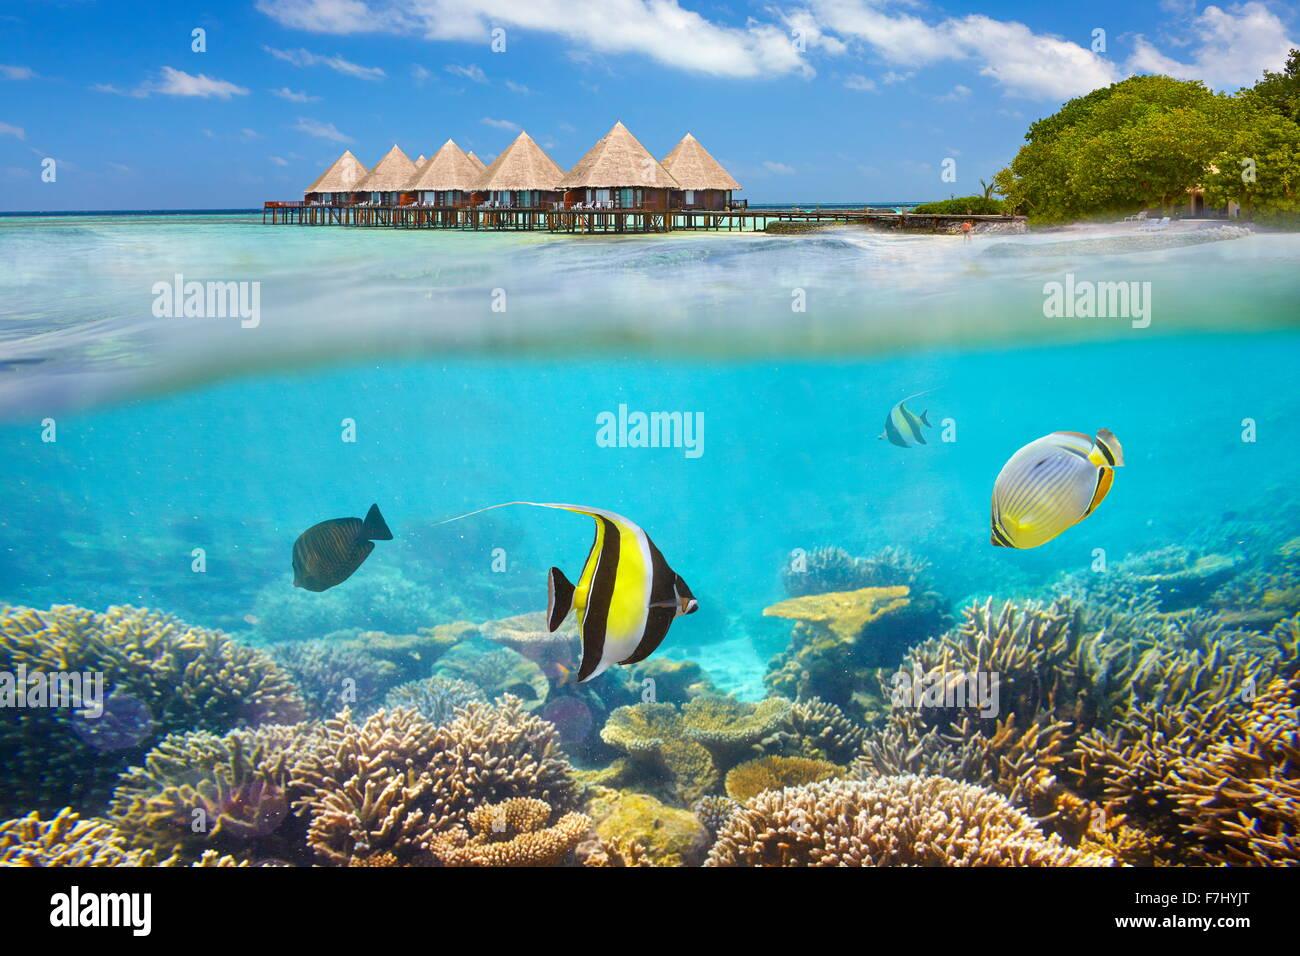 Las Maldivas - vista submarina con peces Foto de stock